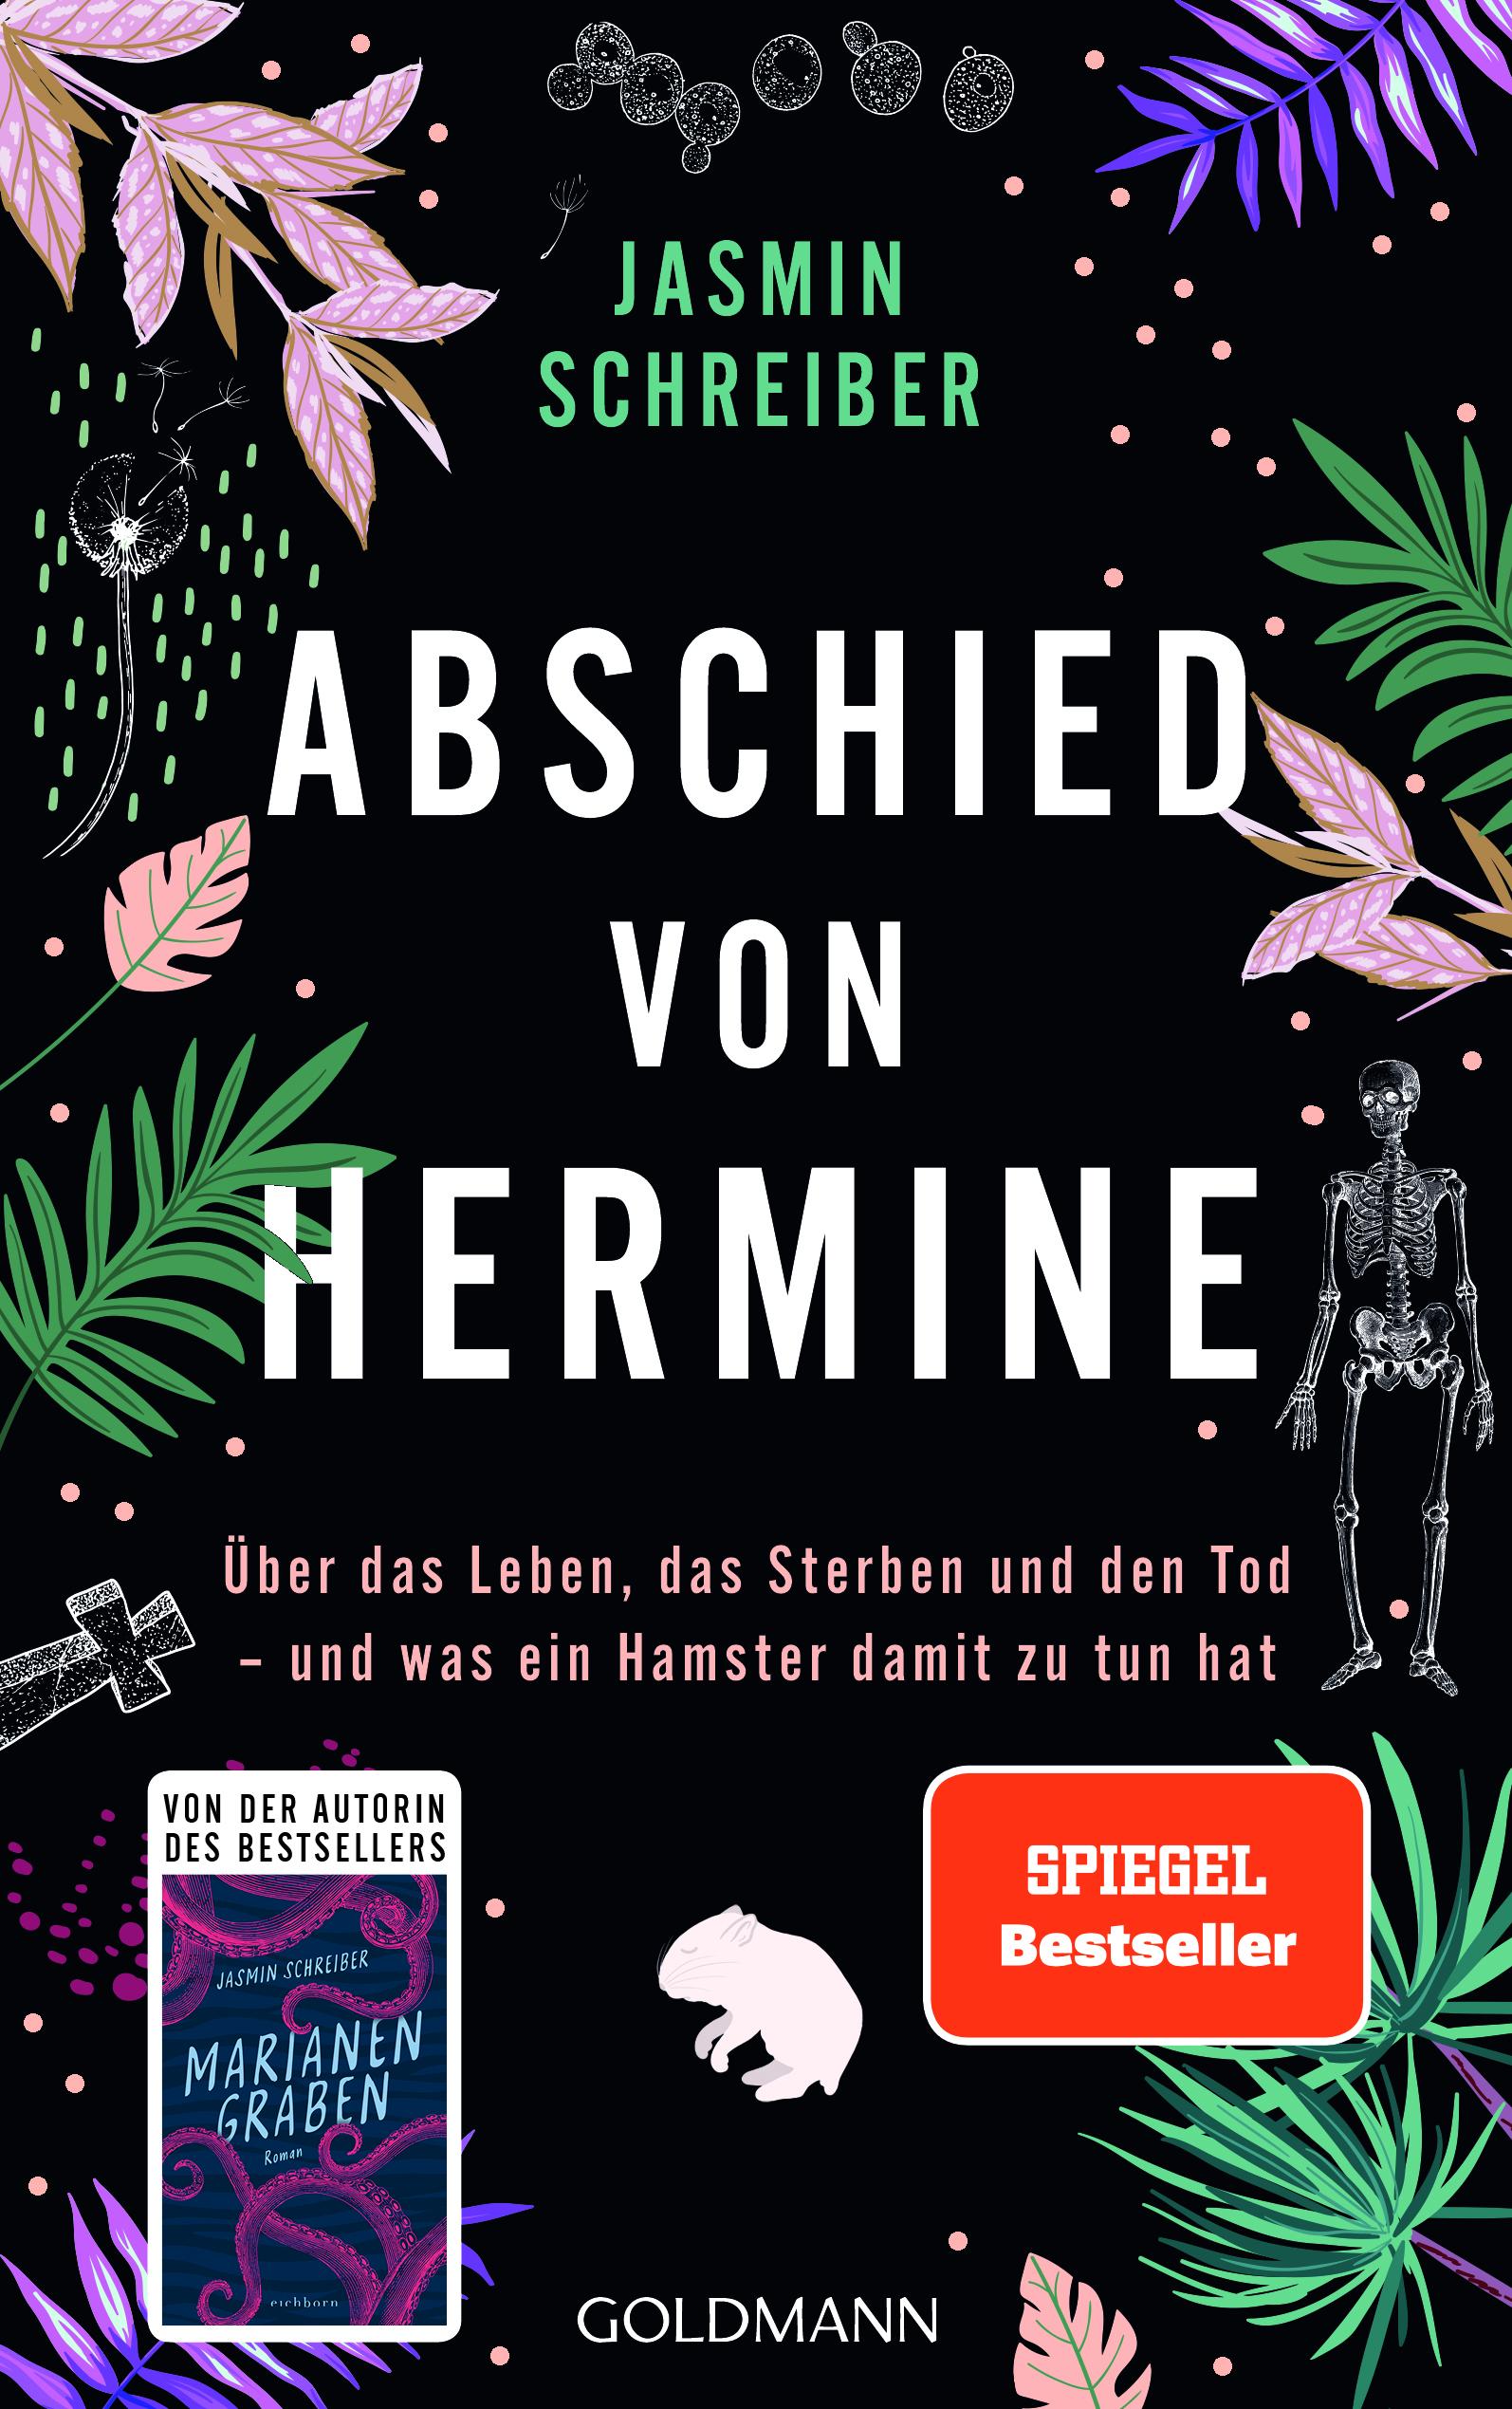 Abschied von Hermine von Jasmin Schreiber